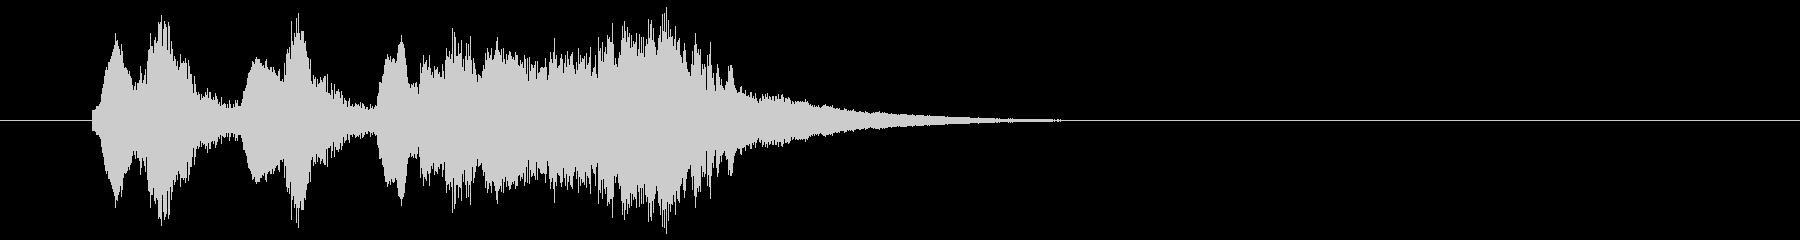 軽いオーケストラ風の喜びジングル2の未再生の波形